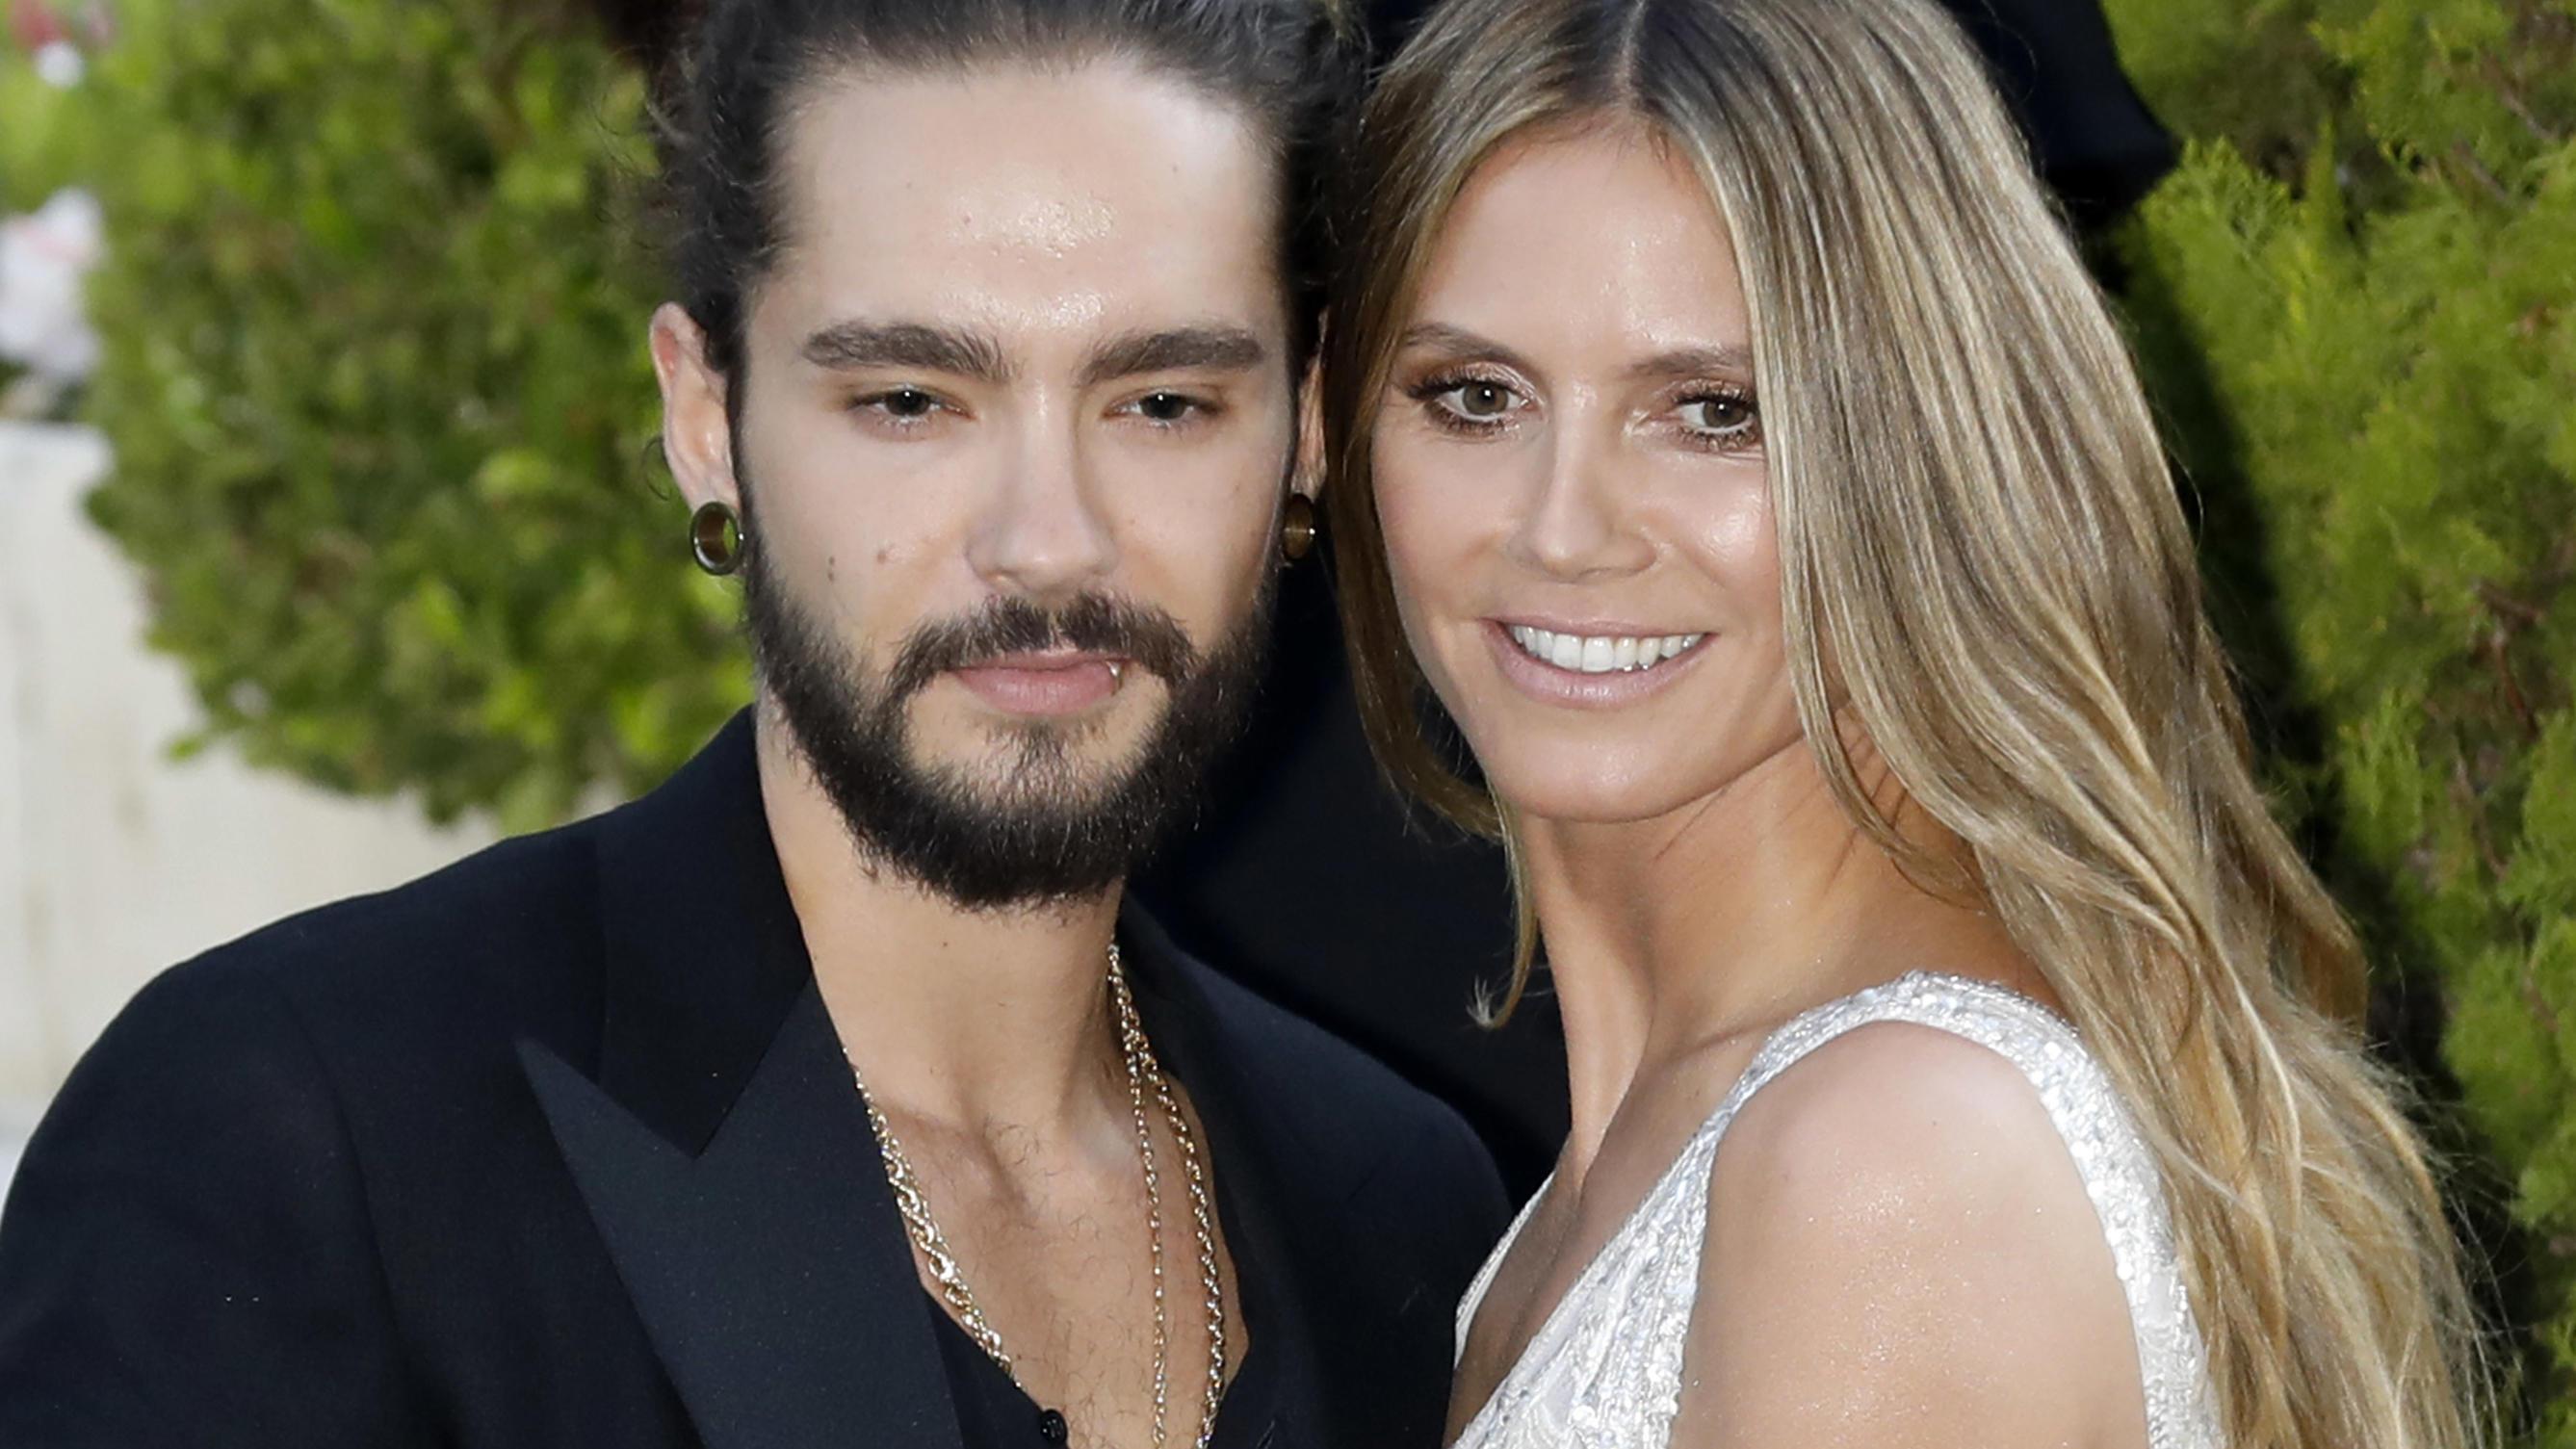 Heidi Klum Tom Kaulitz Bringt Seinen Bruder Bill Mit Zum Date Nach